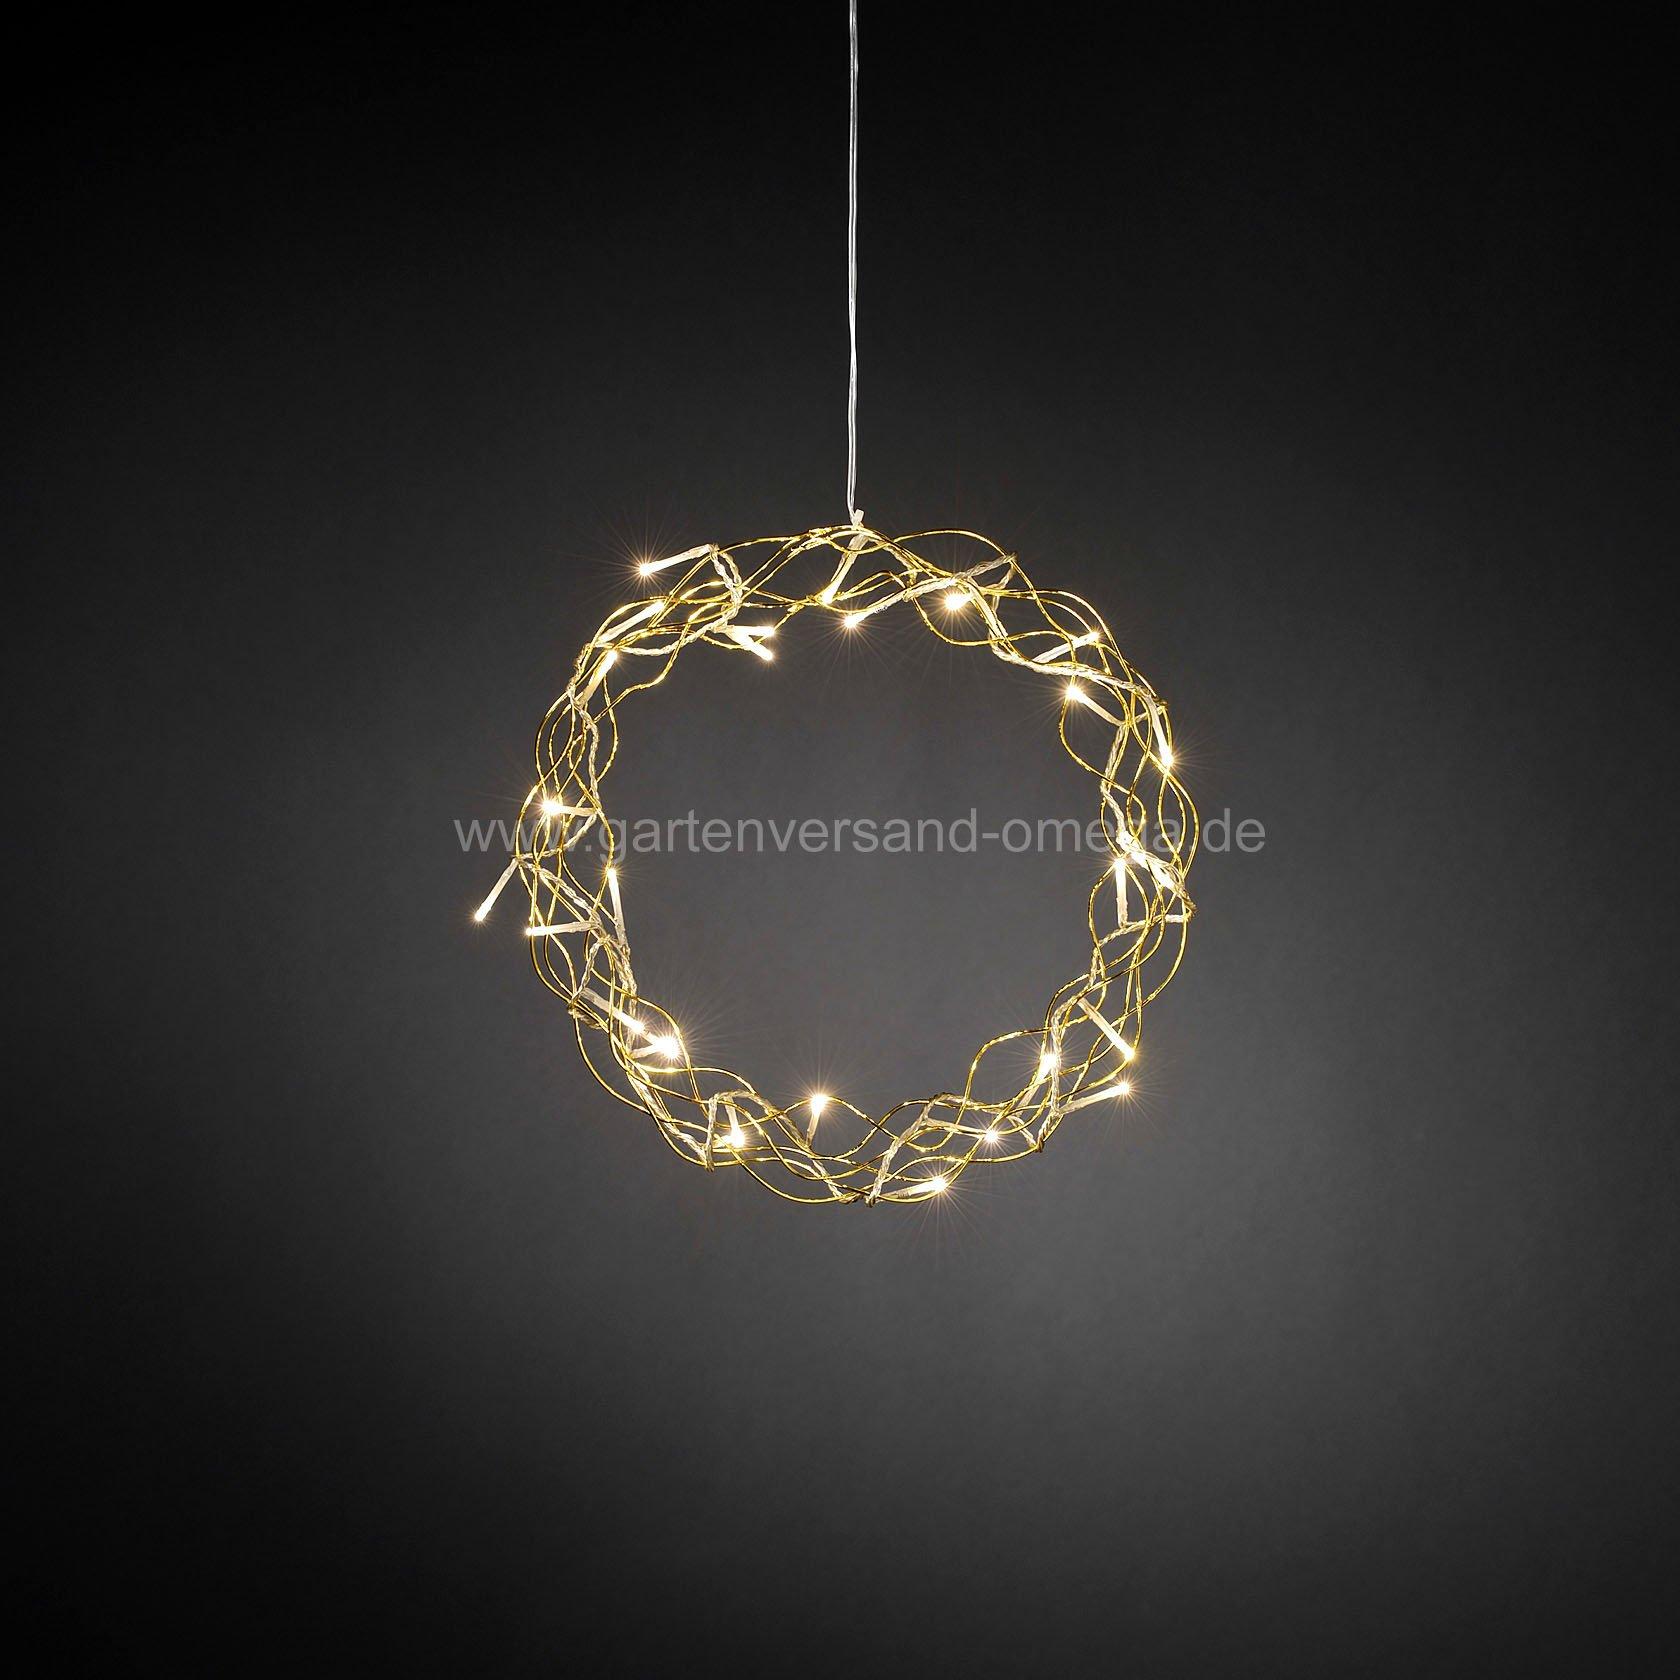 Led metallsilhouette kranz gold leuchtende fensterdeko for Led fensterdeko weihnachten